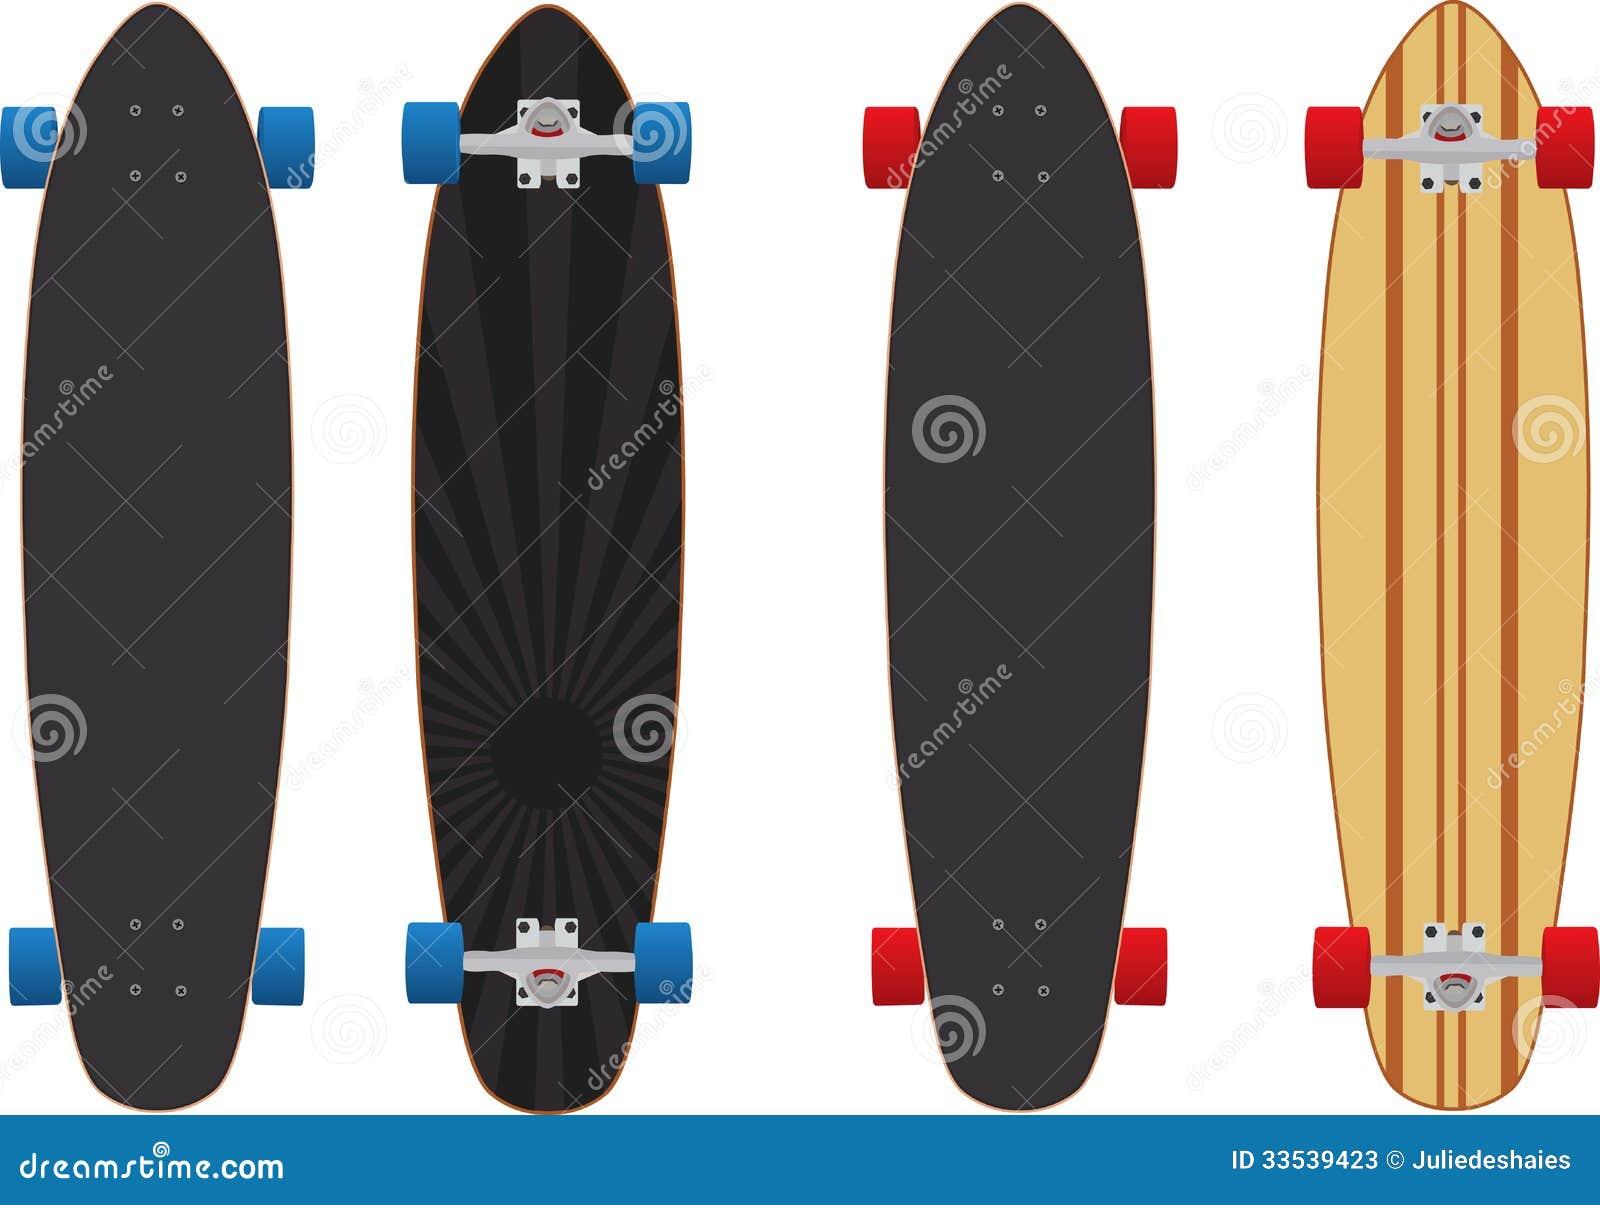 Longboard Skateboard Stock Photos - Image: 33539423